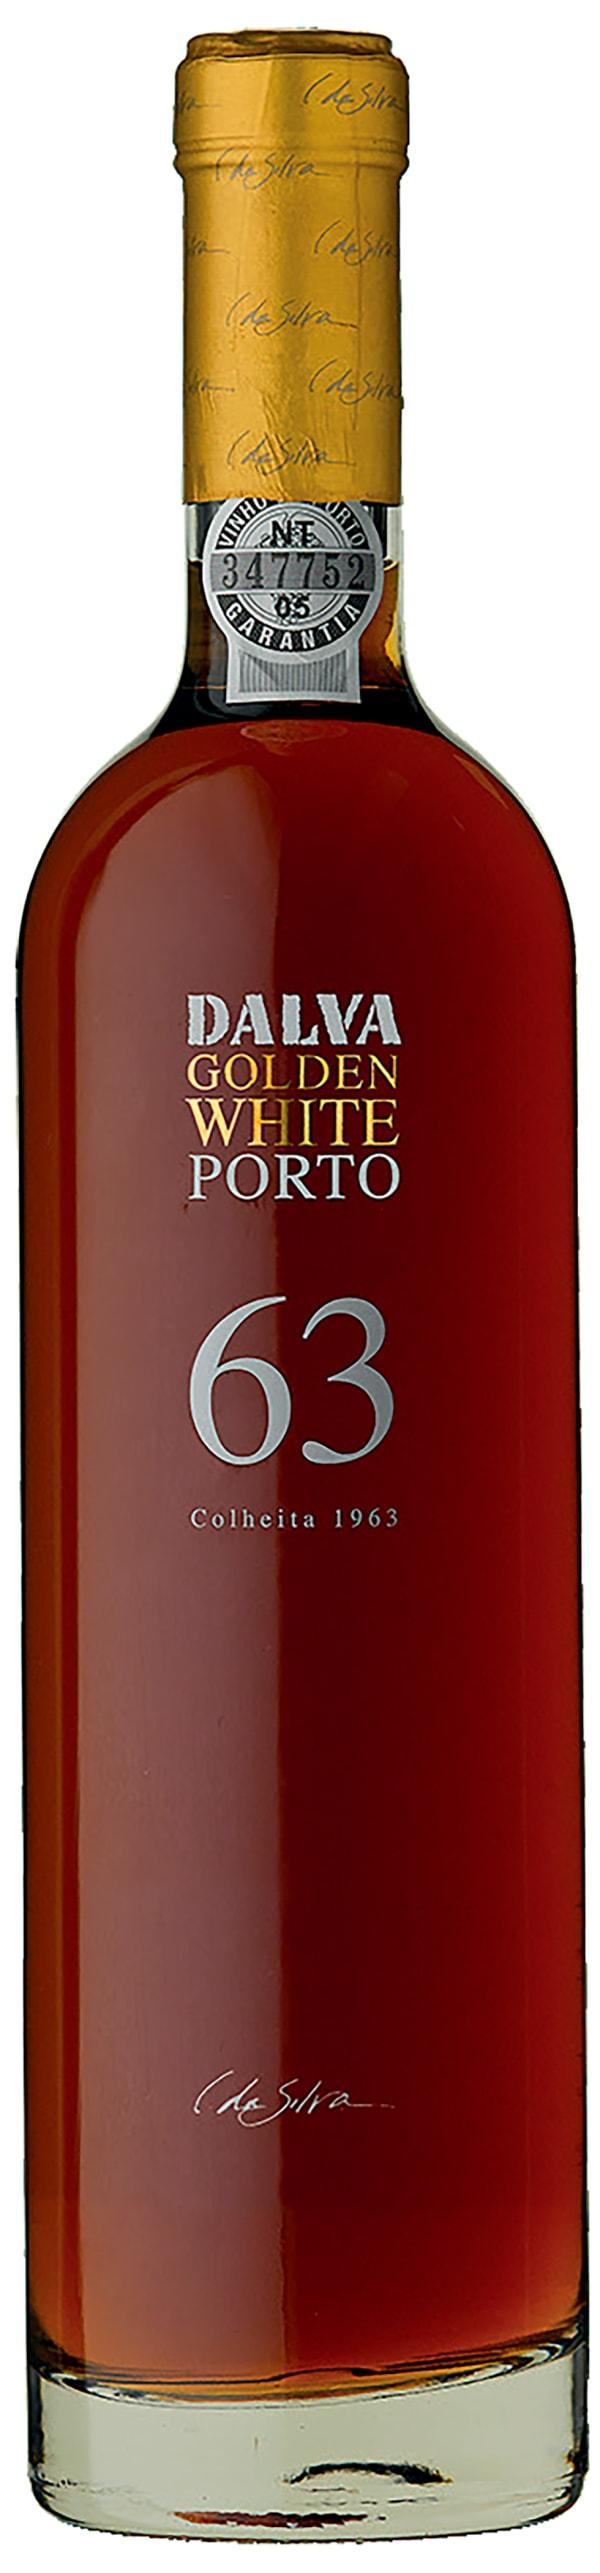 Dalva Colheita Golden White Port 1963